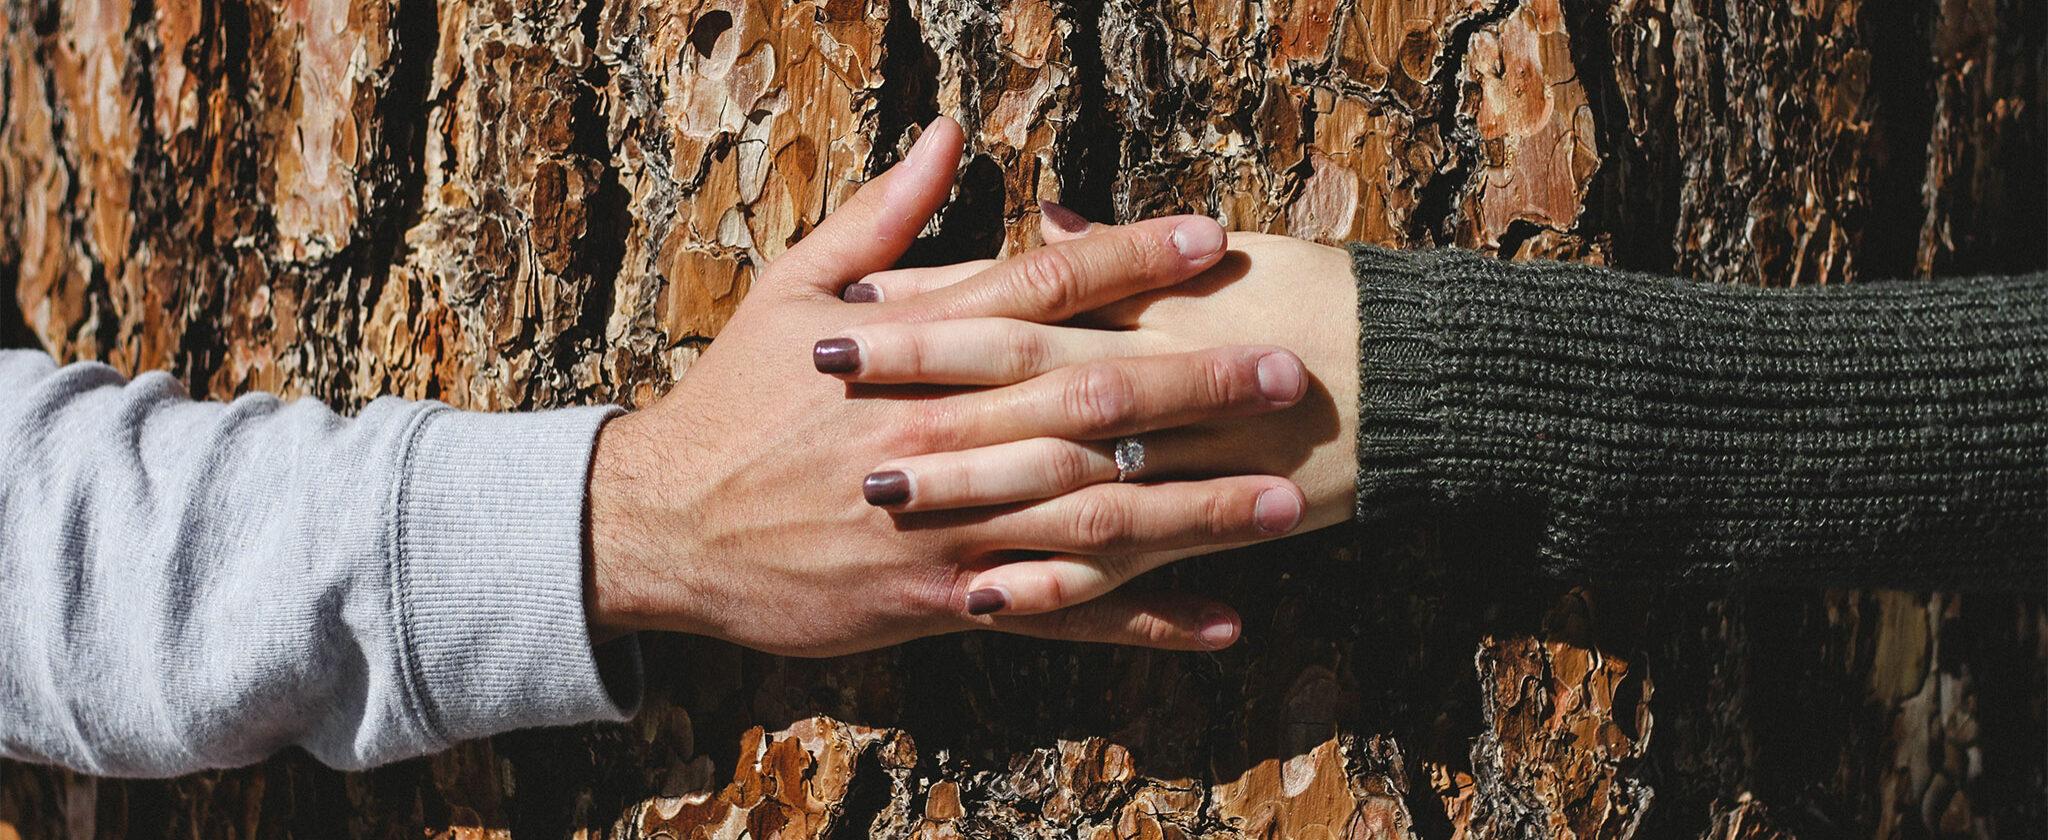 Ein Mann und eine Frau verschränken ihre Hände vor einem Baum.